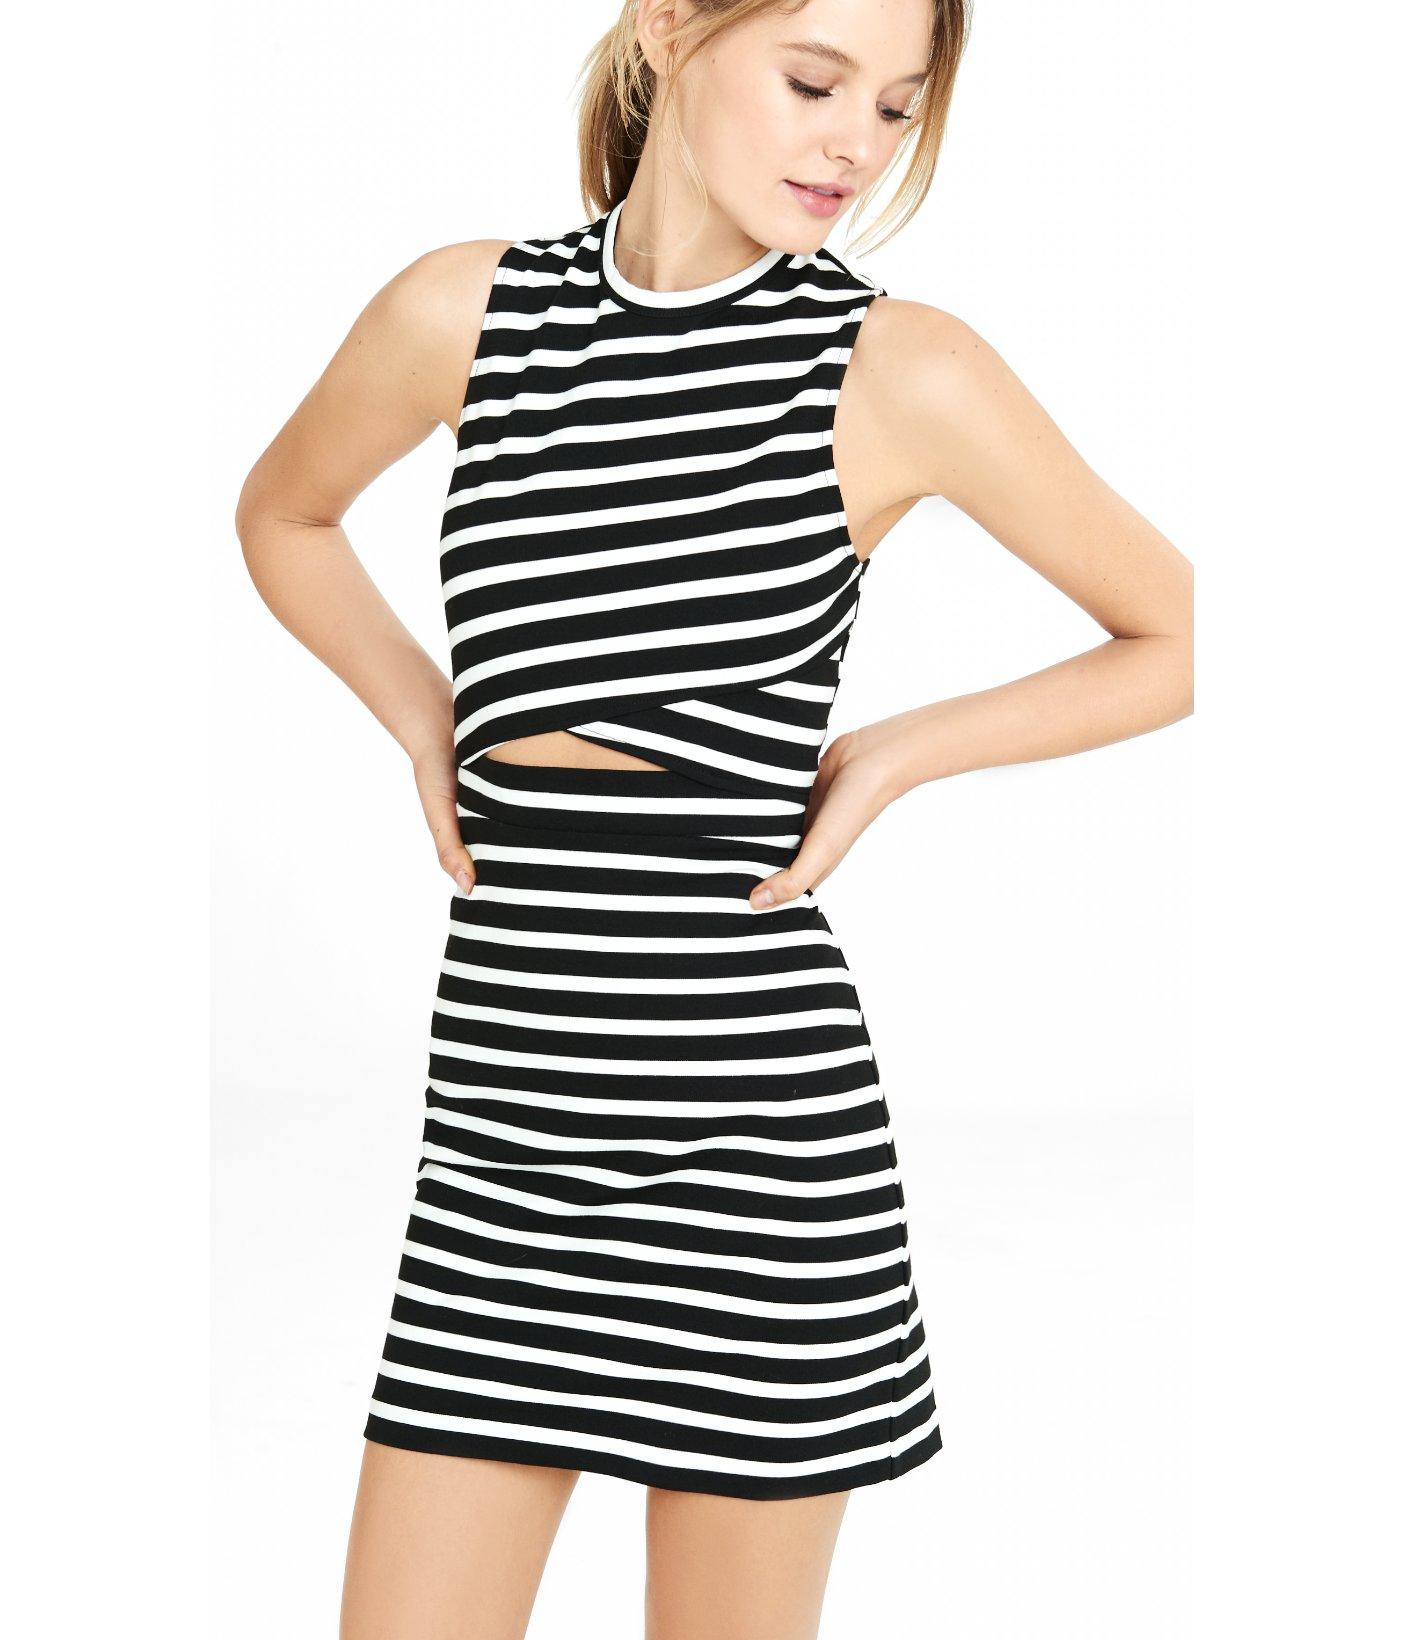 Lyst - Express Striped Cutout Mini Sheath Dress in Black 4d6e254d5